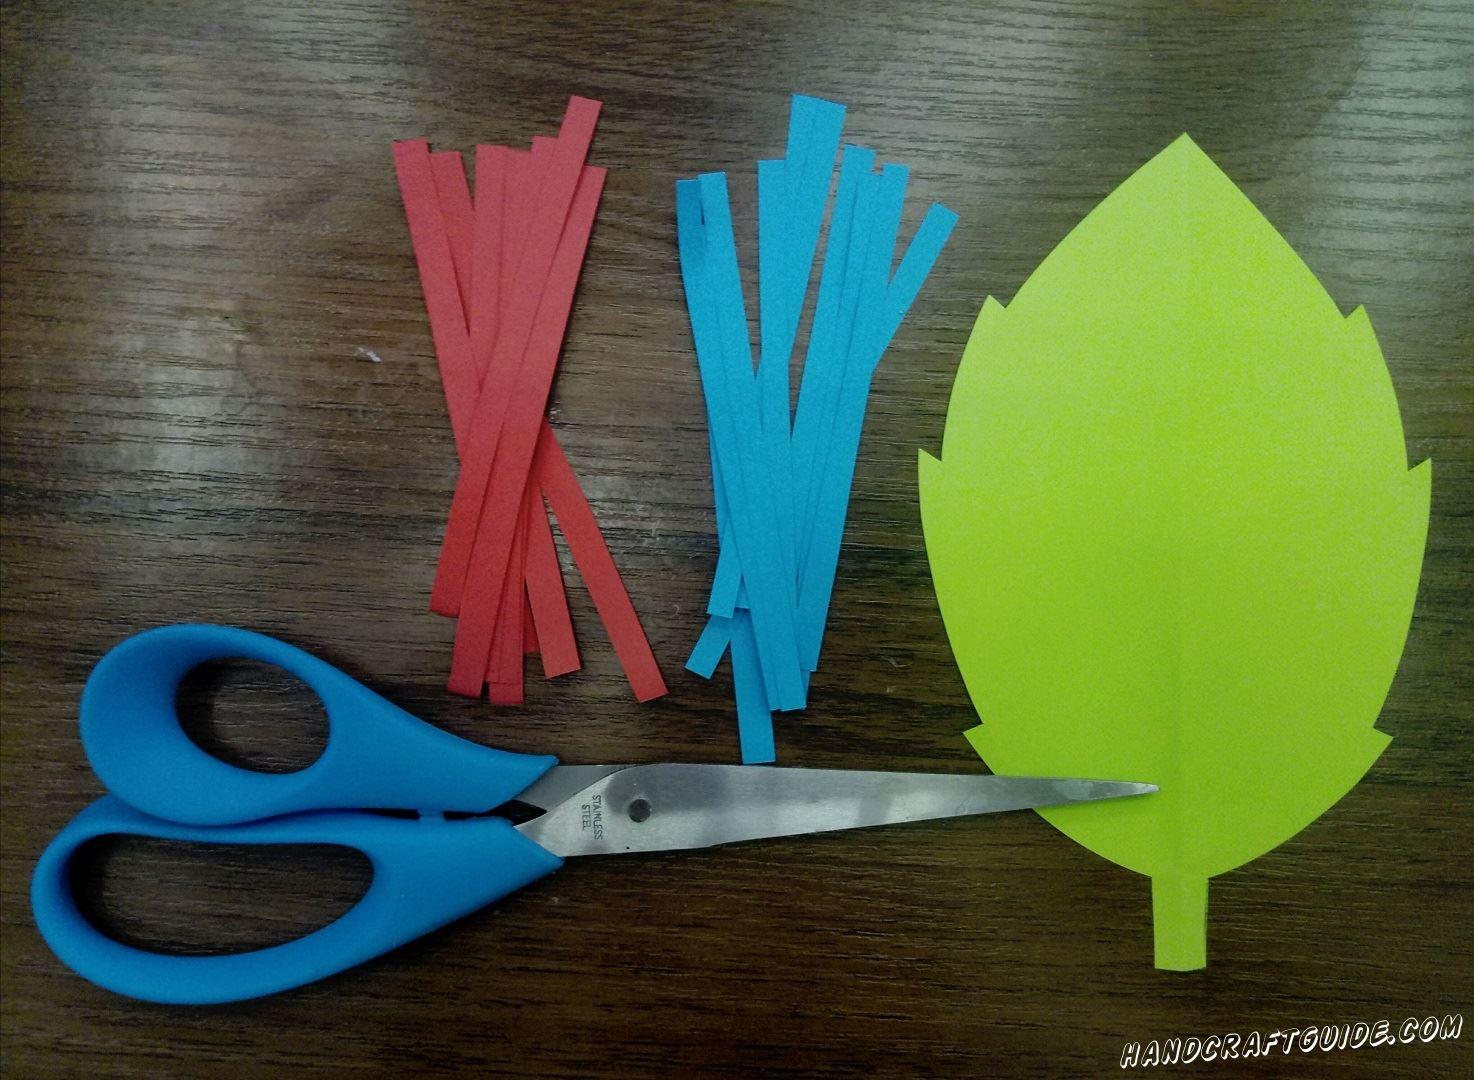 Из цветной бумаги вырезаем один большой лепесток и множество полосок двух цветов